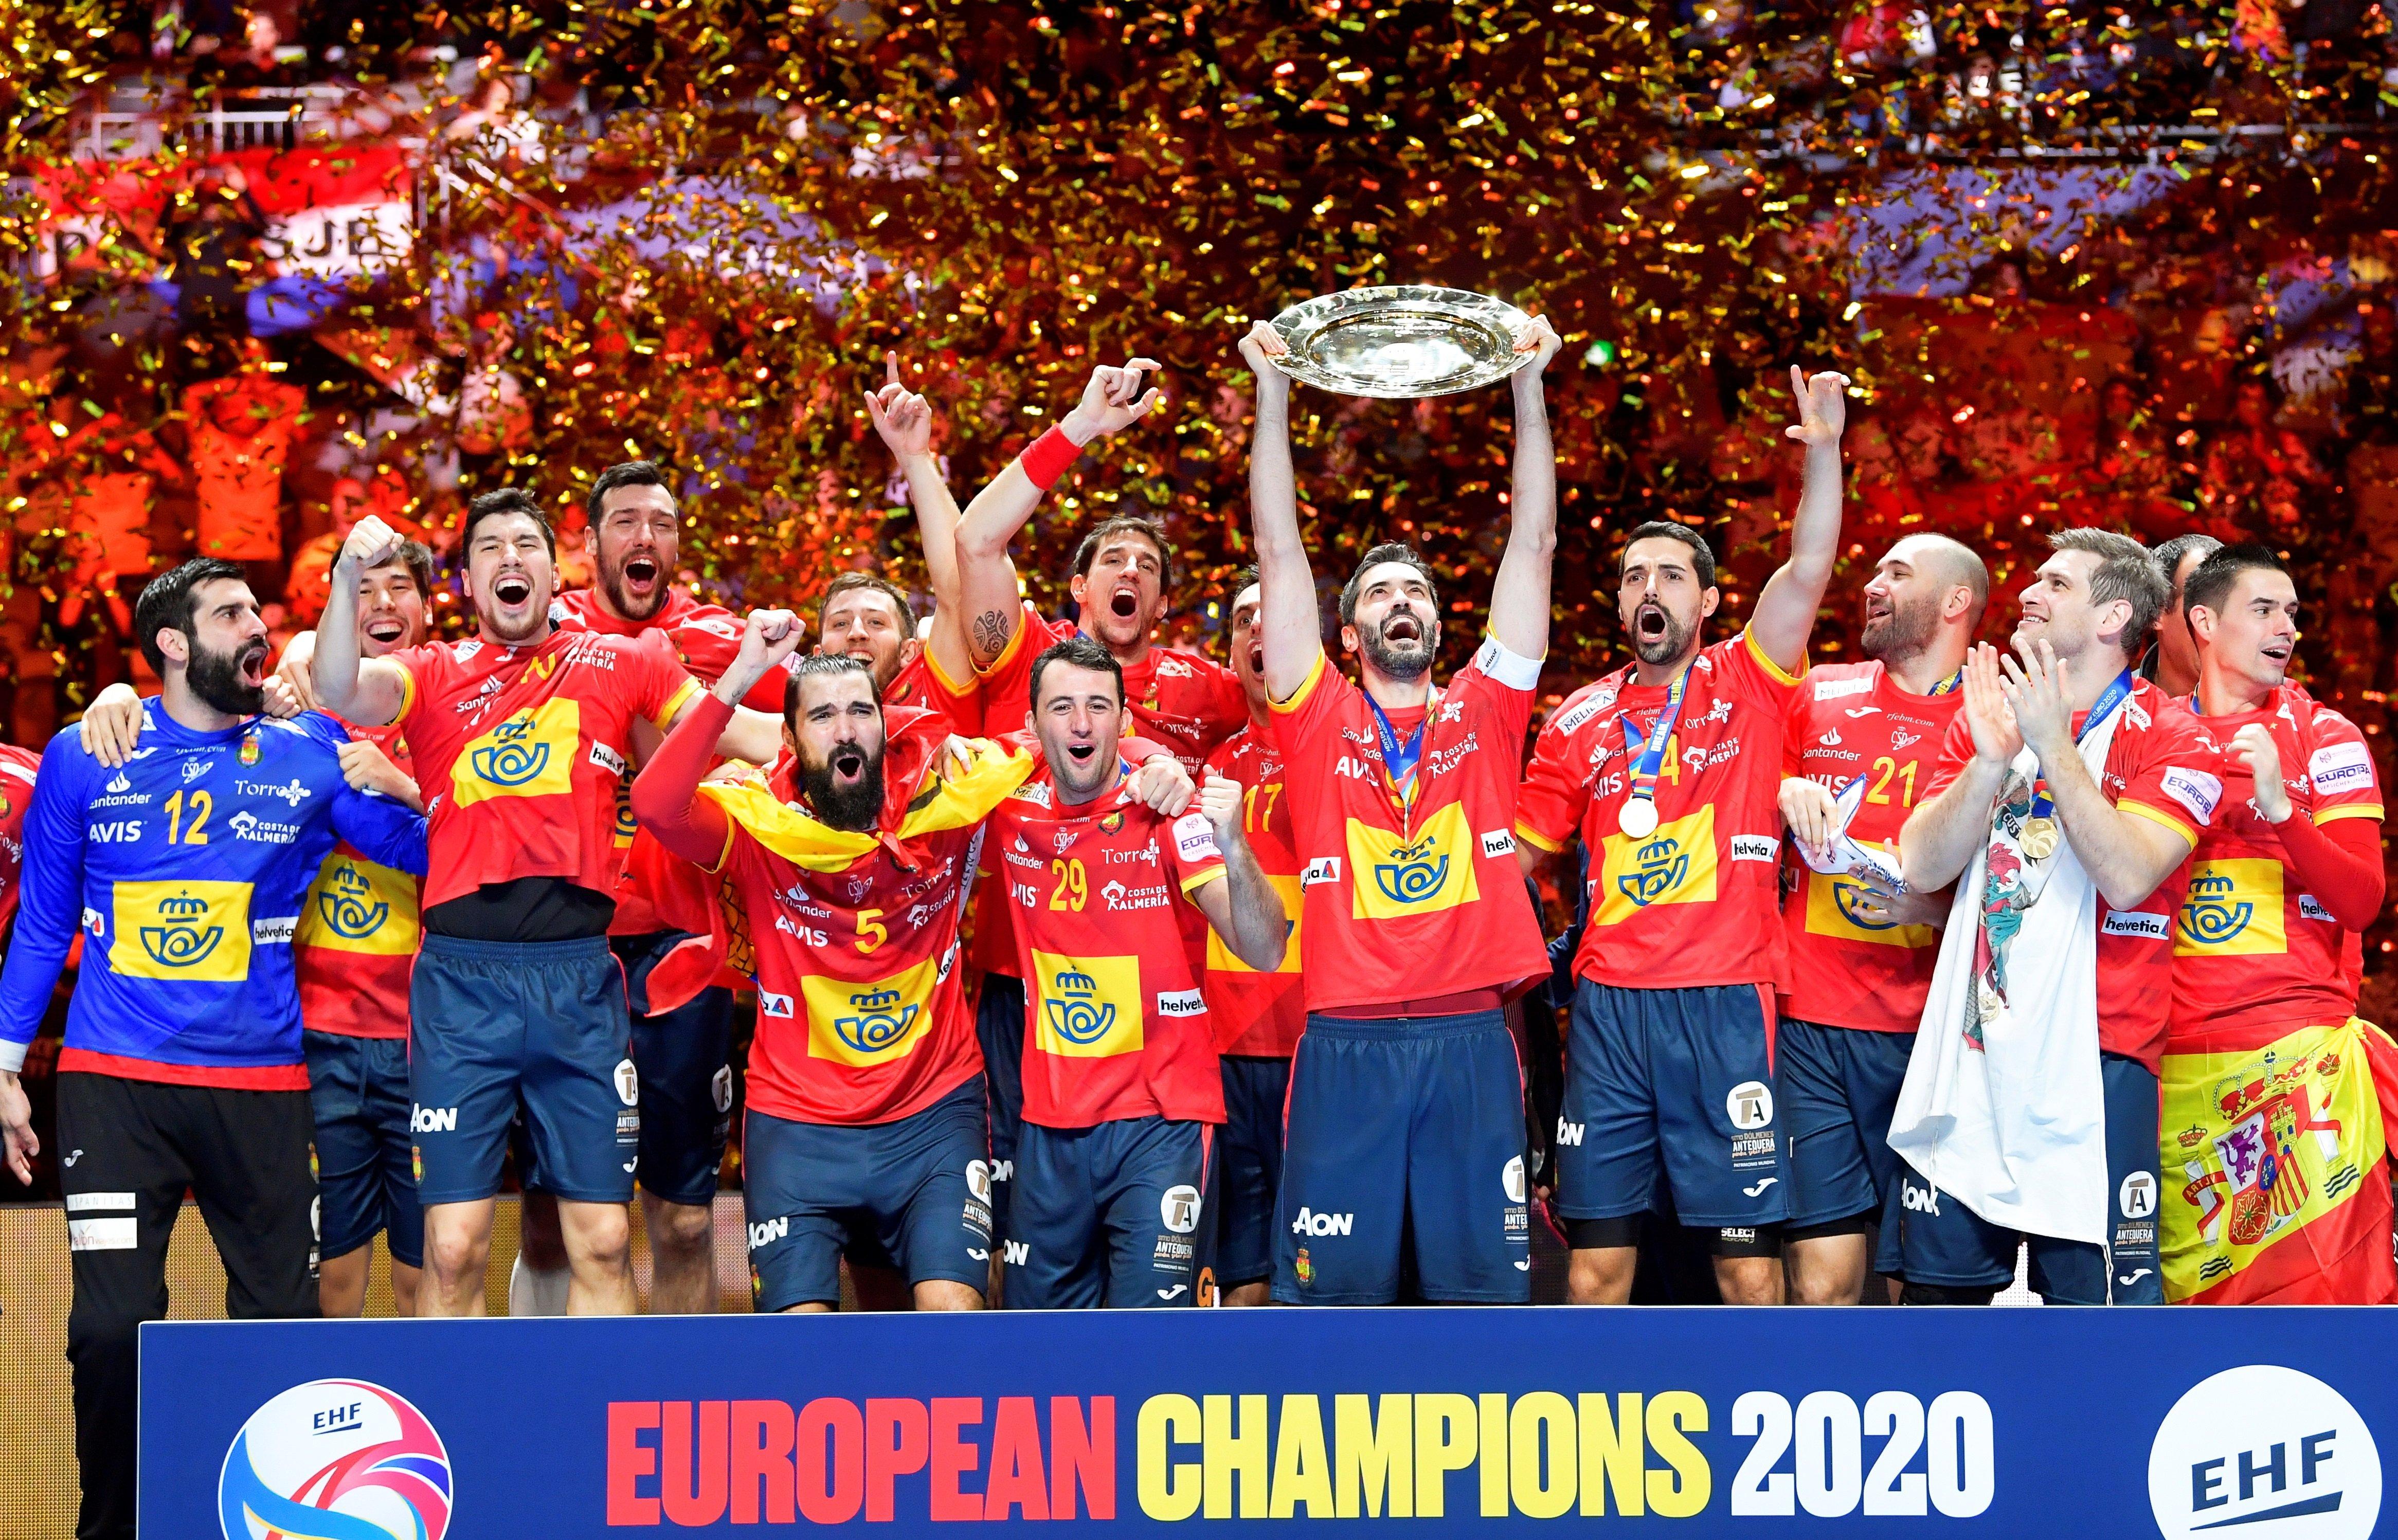 España Campeona De Europa De Balonmano Por Segunda Vez